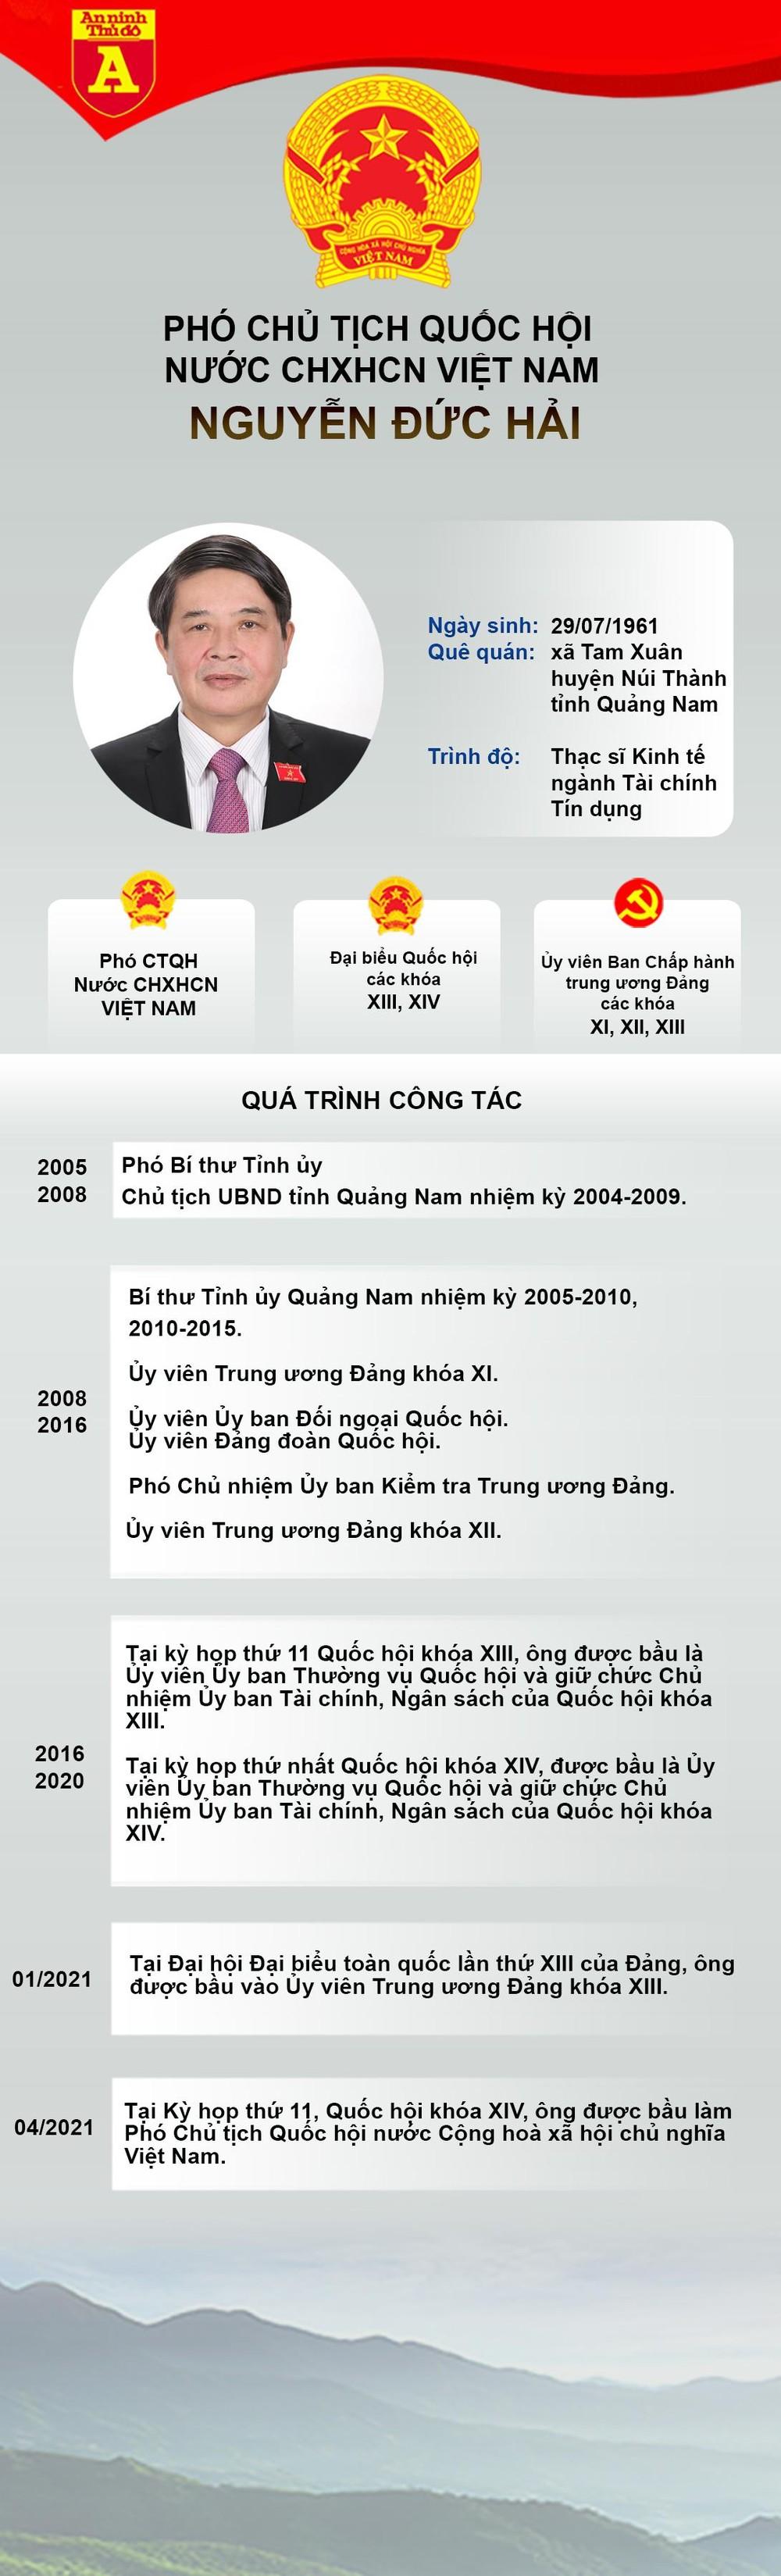 [Info] Tiểu sử tân Phó Chủ tịch Quốc hội Nguyễn Đức Hải ảnh 1